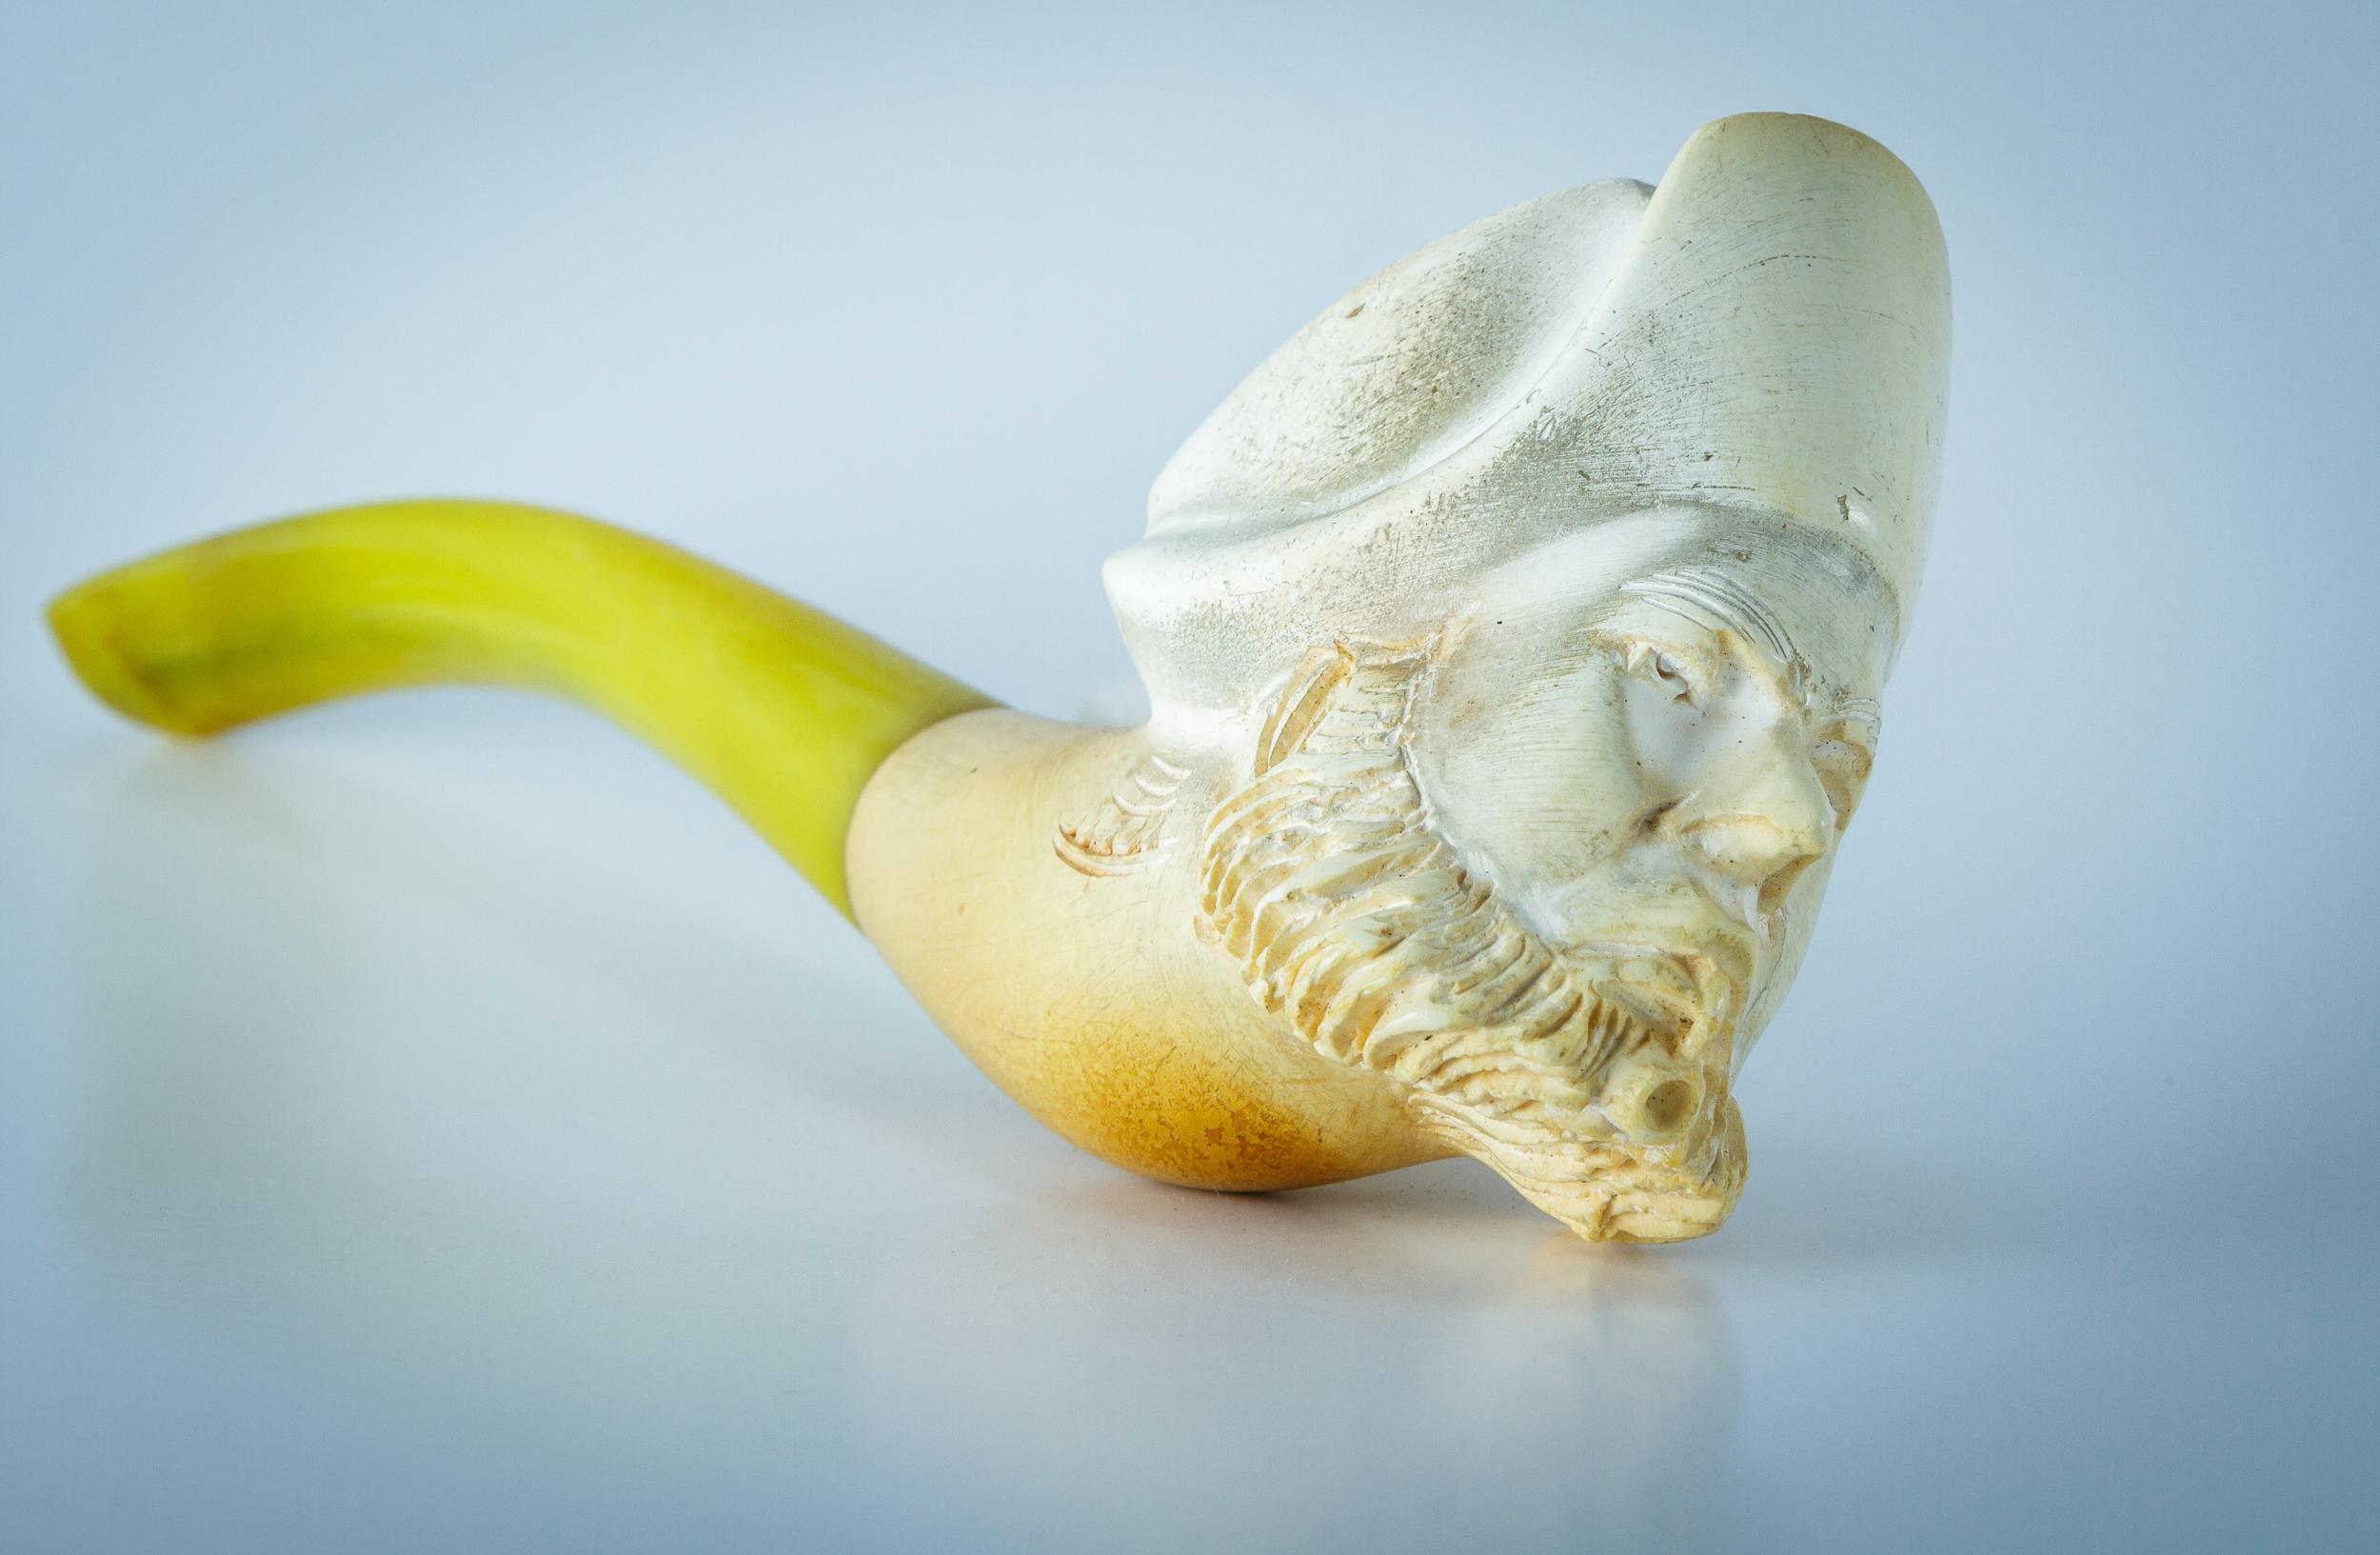 Polish meerschaum pipe